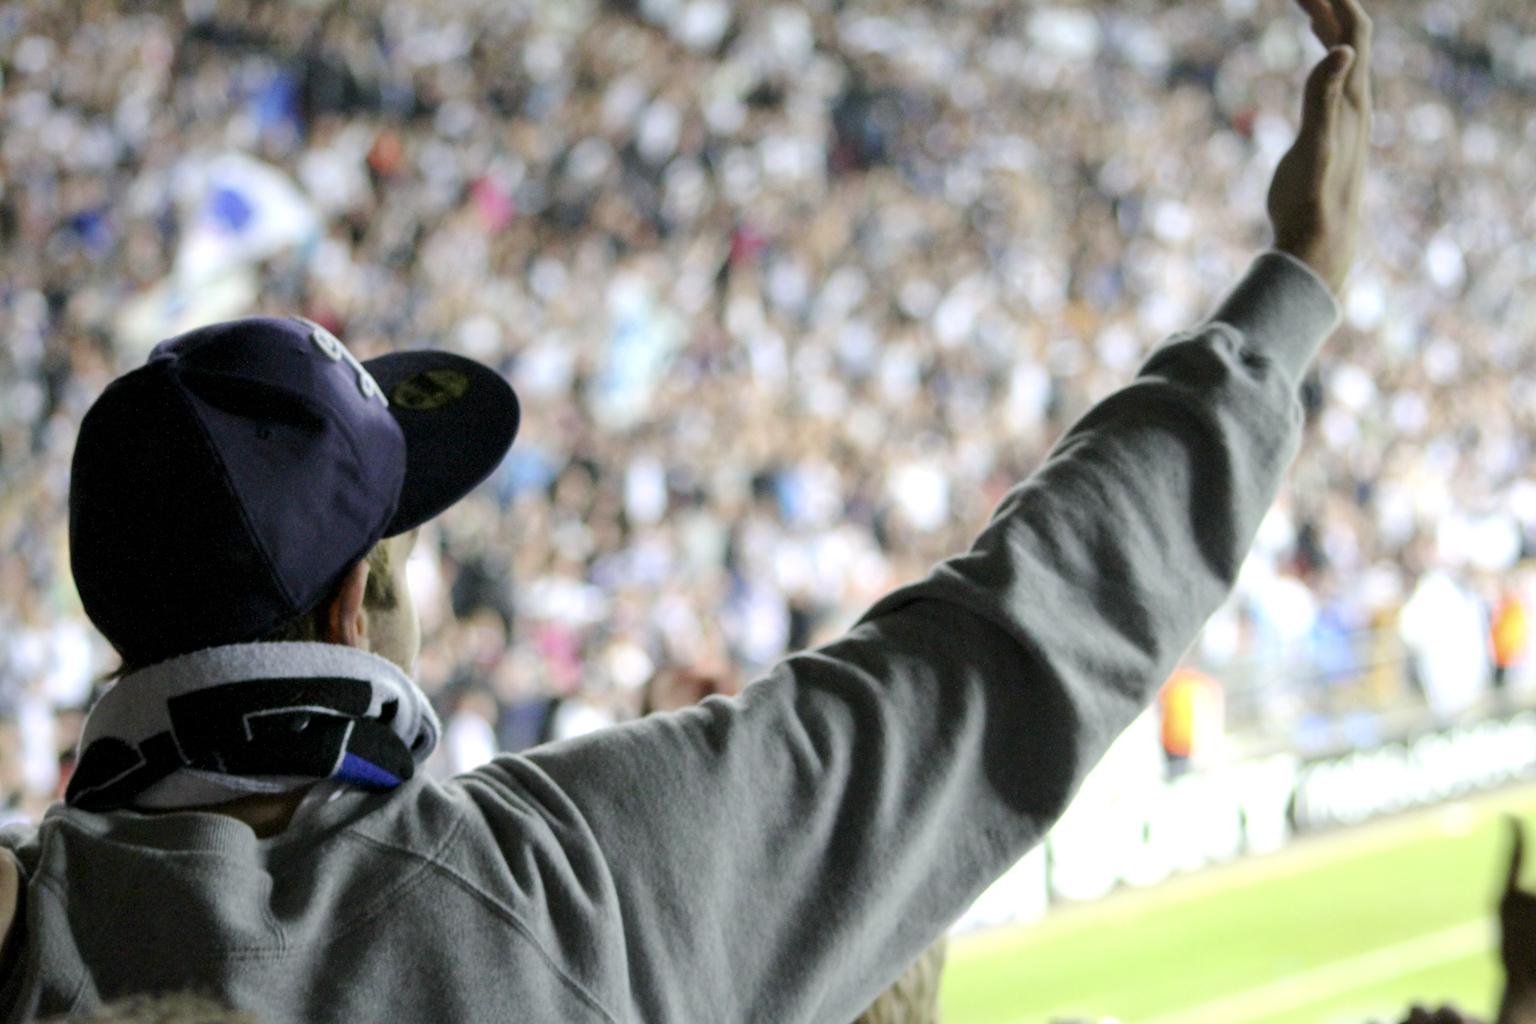 Fck-Rosenborg football supporter